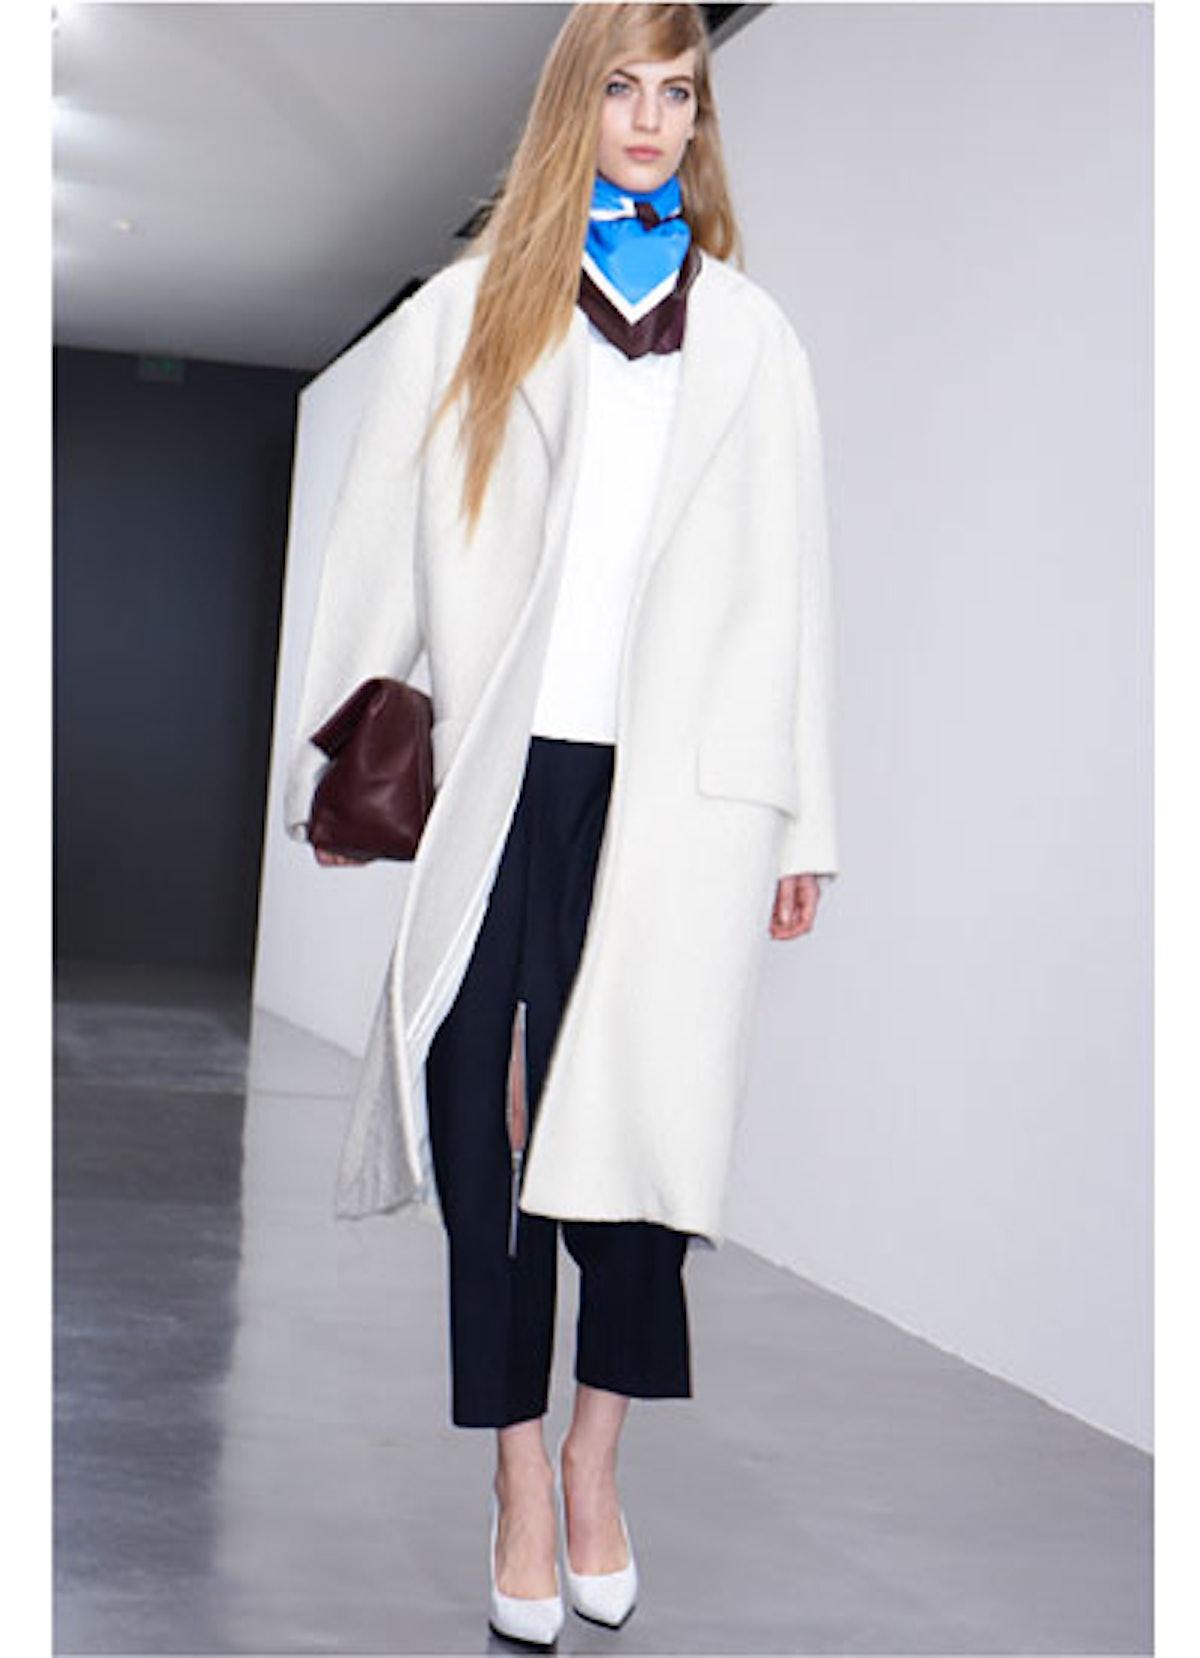 fass-fall-2012-fashion-roundup-02-v.jpg